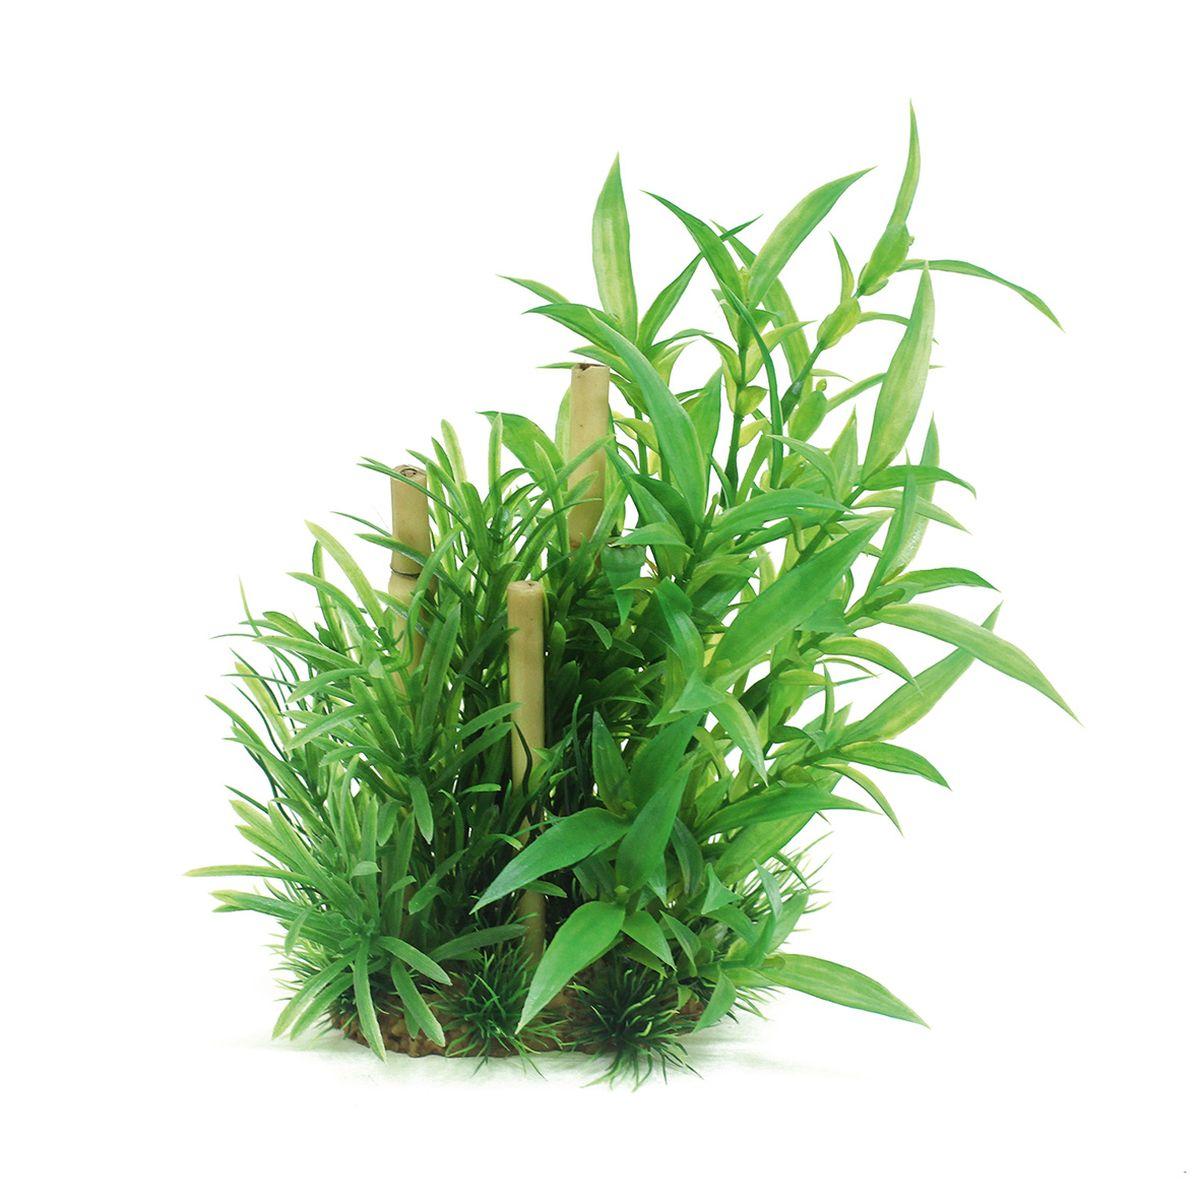 Композиция из растений для аквариума ArtUniq Гигрофила сиамская с бамбуком, высота 20 смART-1160503Композиция из растений для аквариума ArtUniq Гигрофила сиамская с бамбуком, высота 20 см